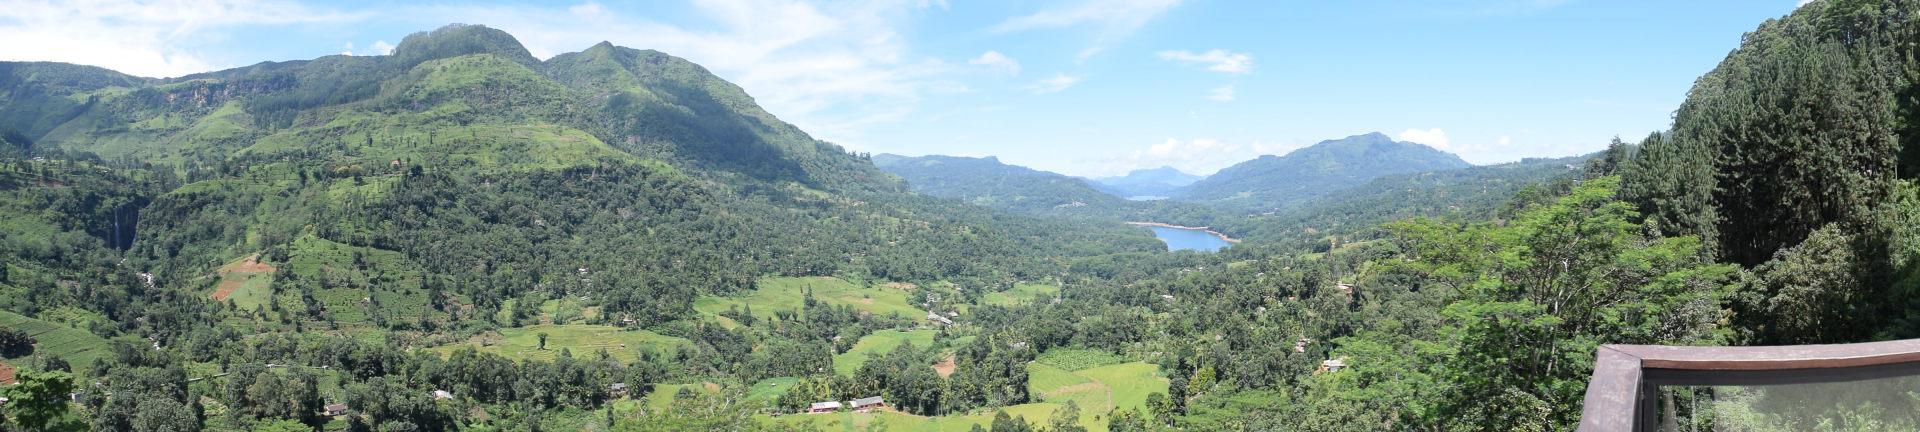 Capoeira Sri Lanka, Capokolam, Sri Lankan Tamils, Tea Plantation